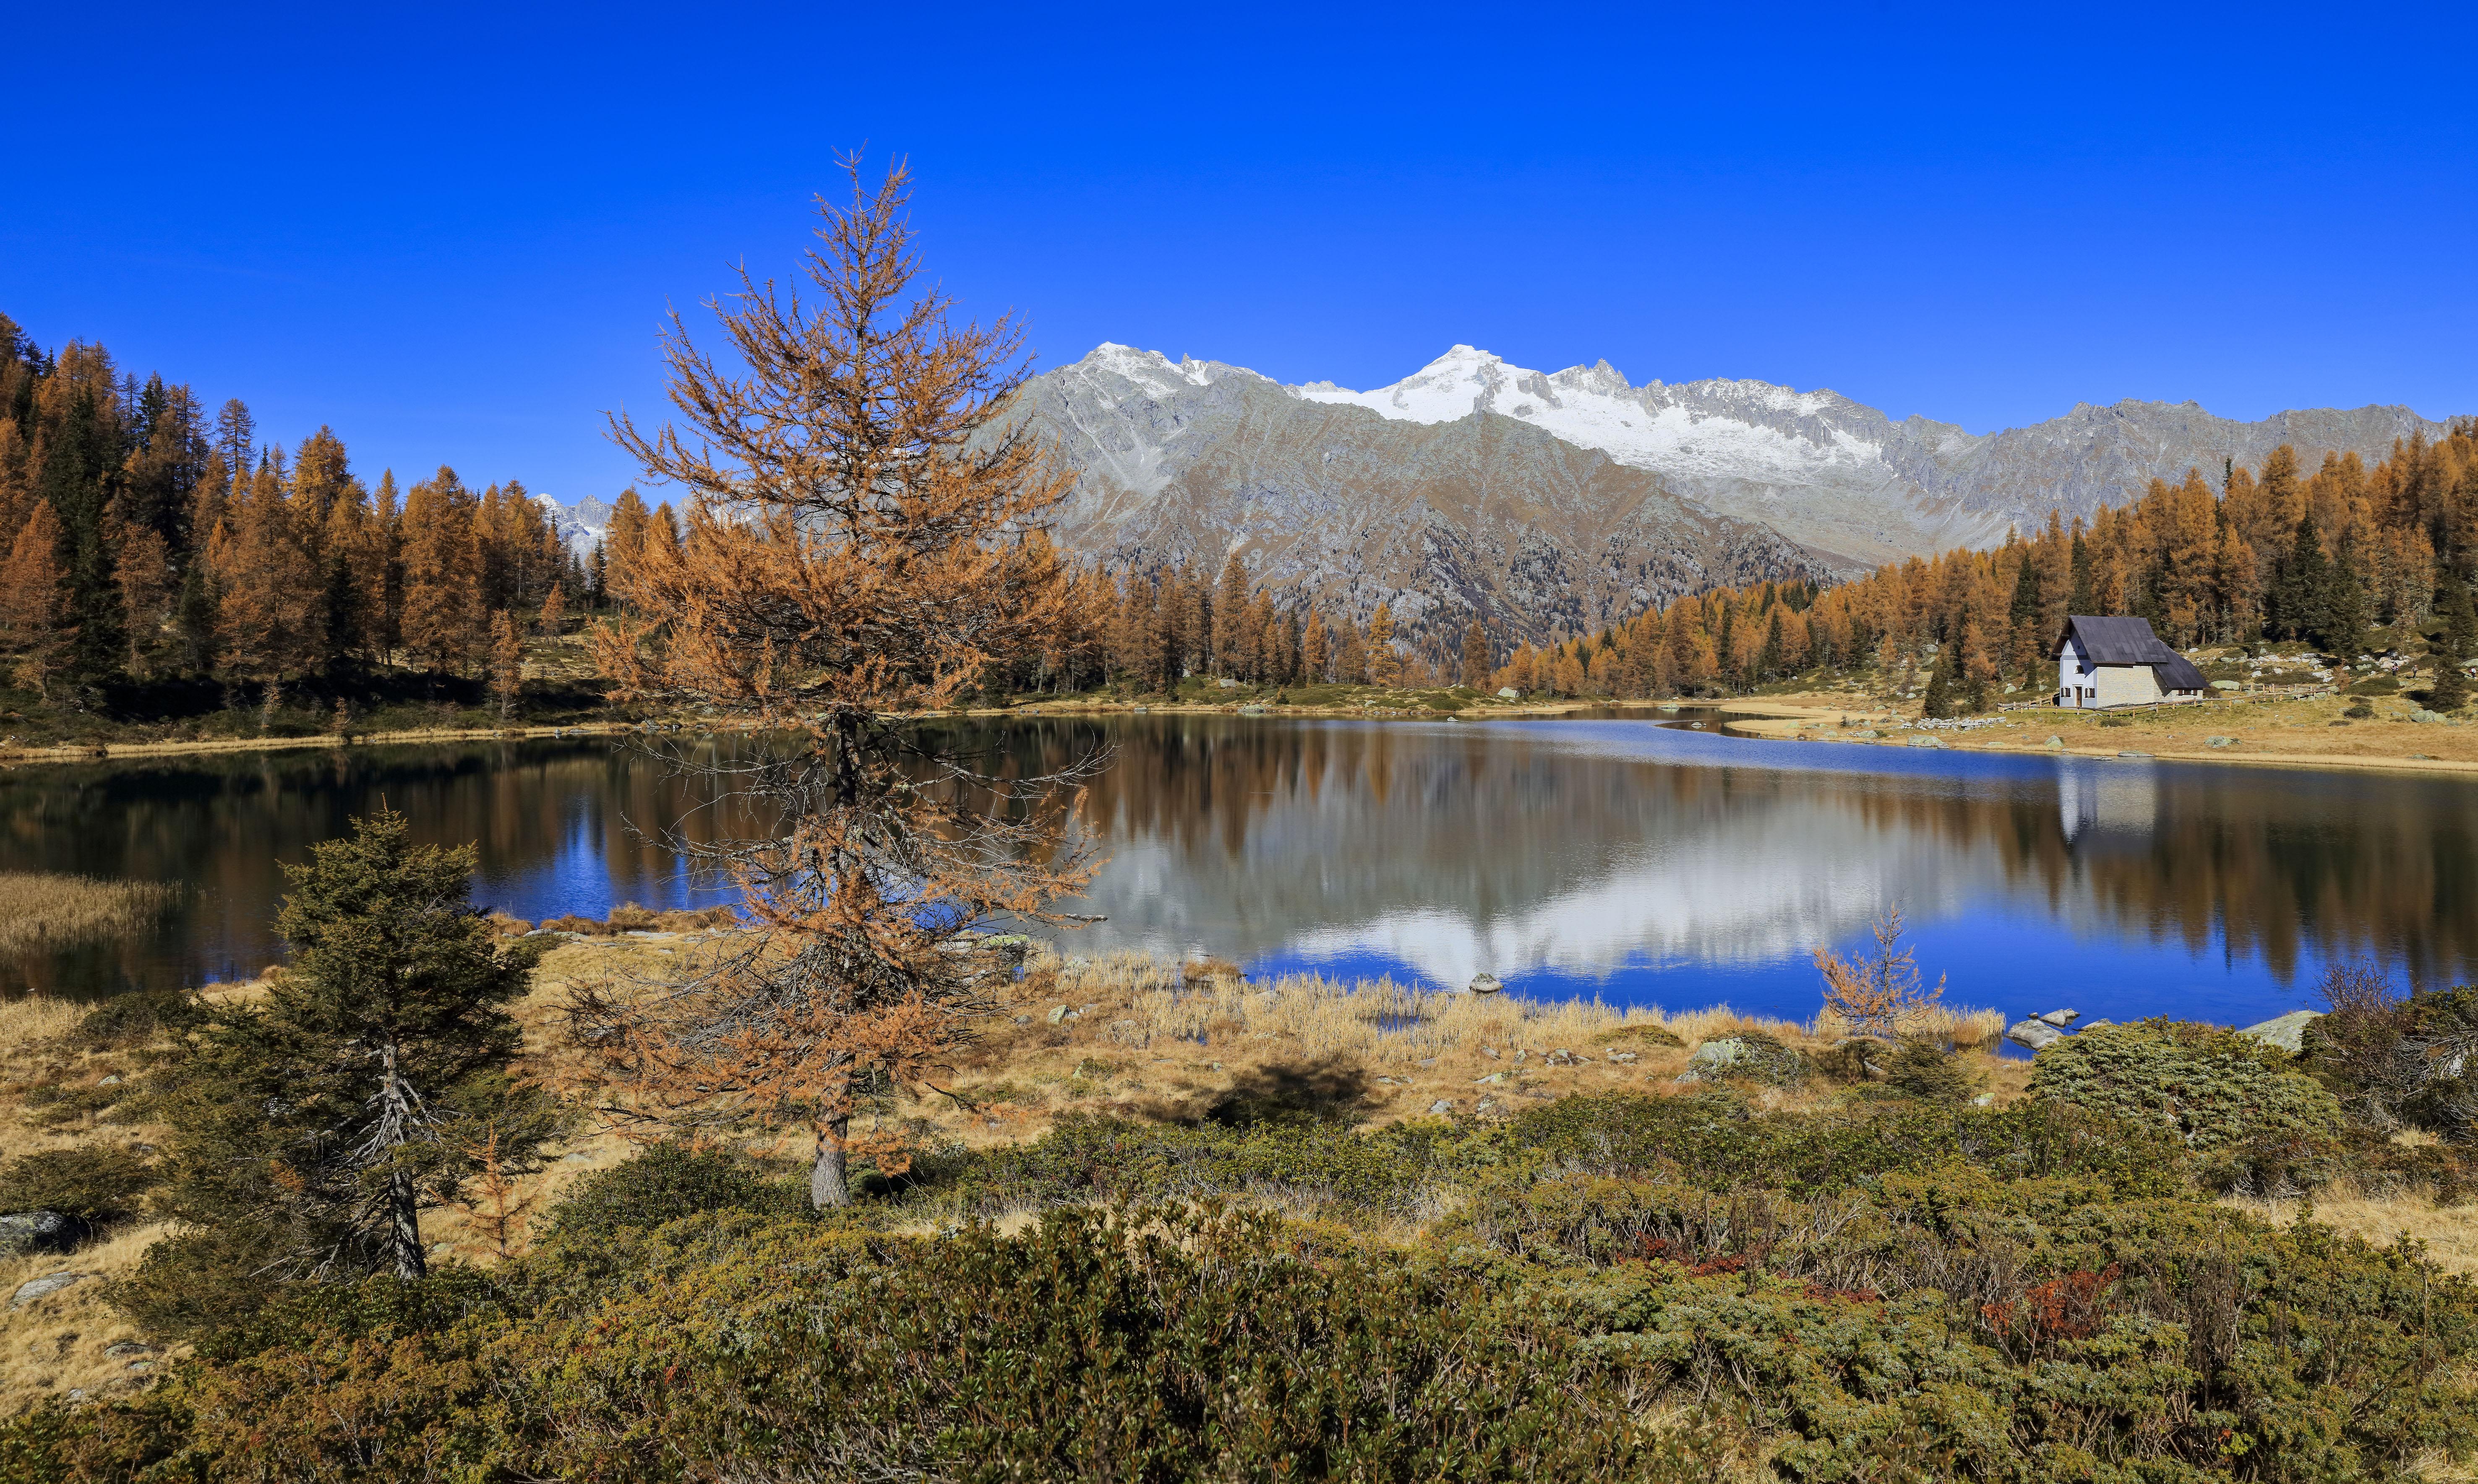 Berghutten en liften in Trentino langer open dit najaar